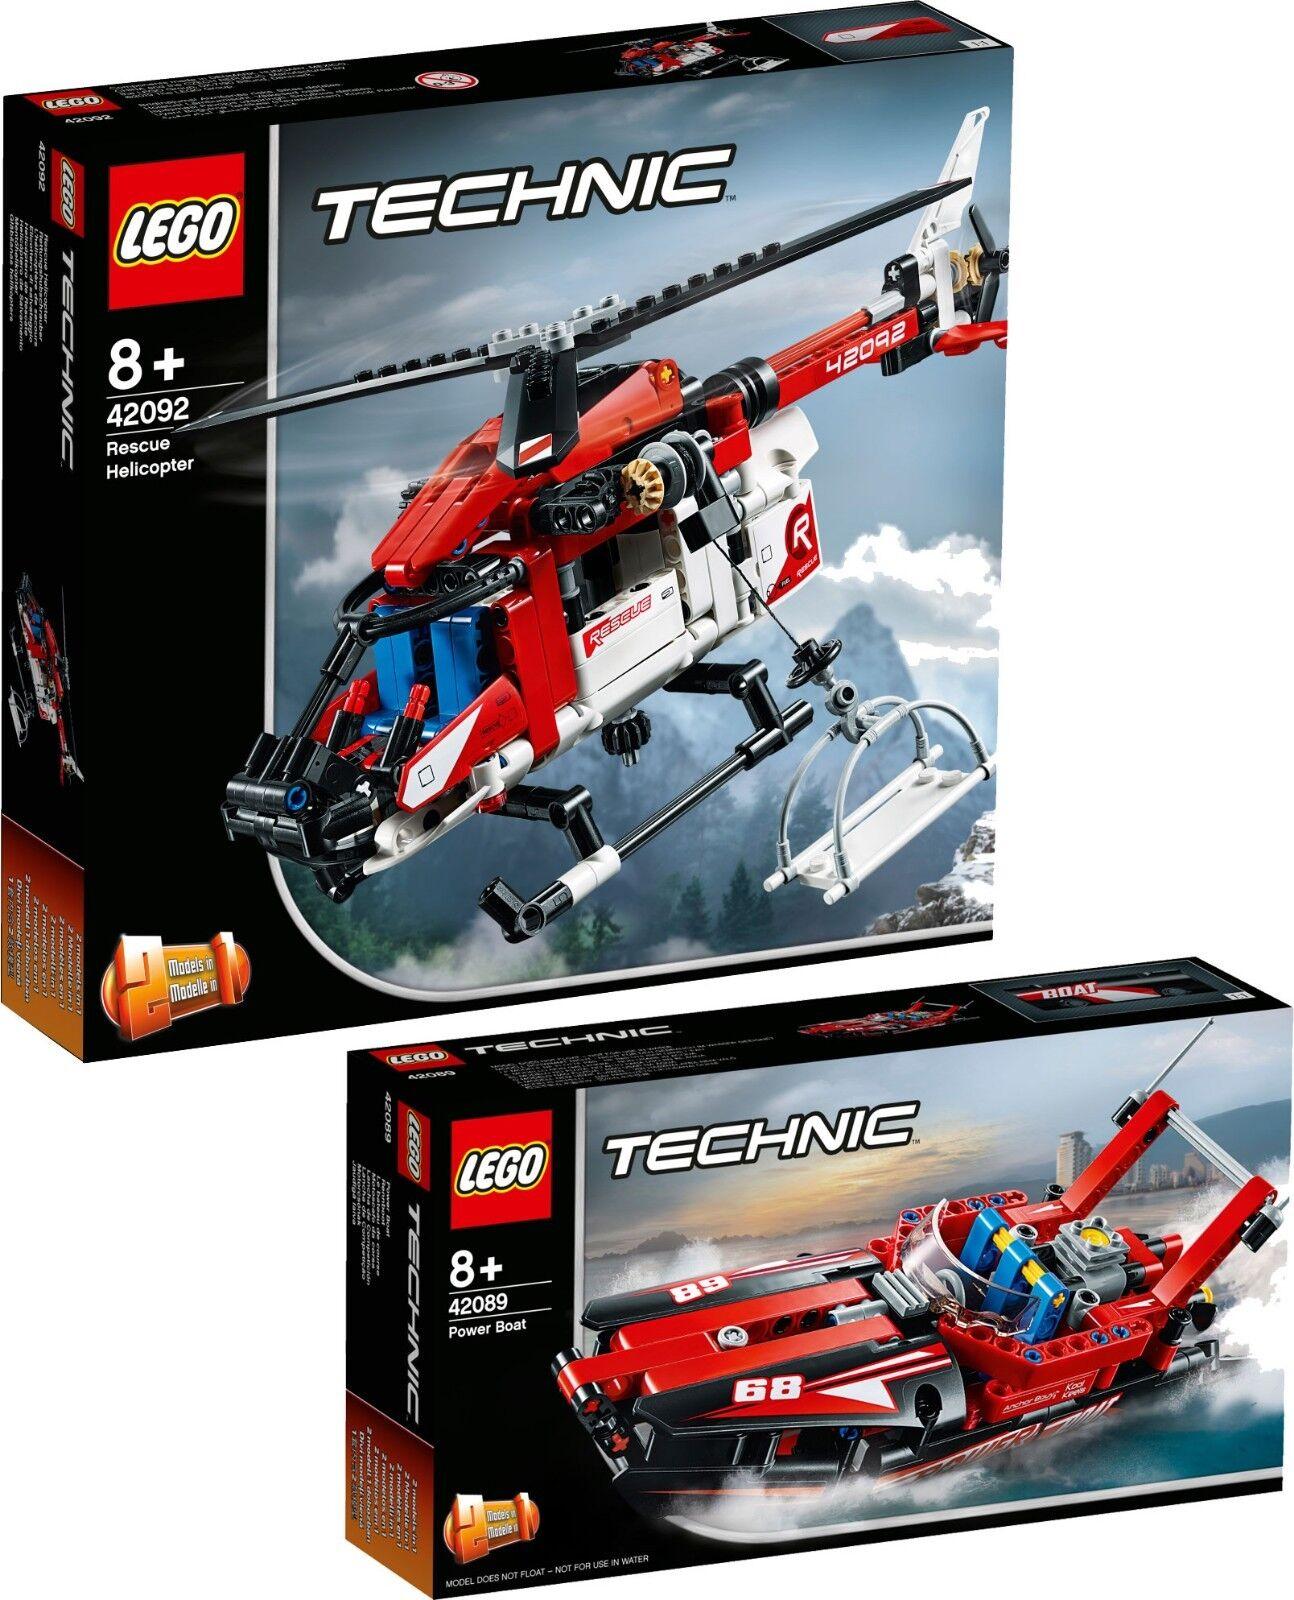 LEGO Technic Rettungshubschrauber 42092 + 42089 RennStiefel VORVERKAUF